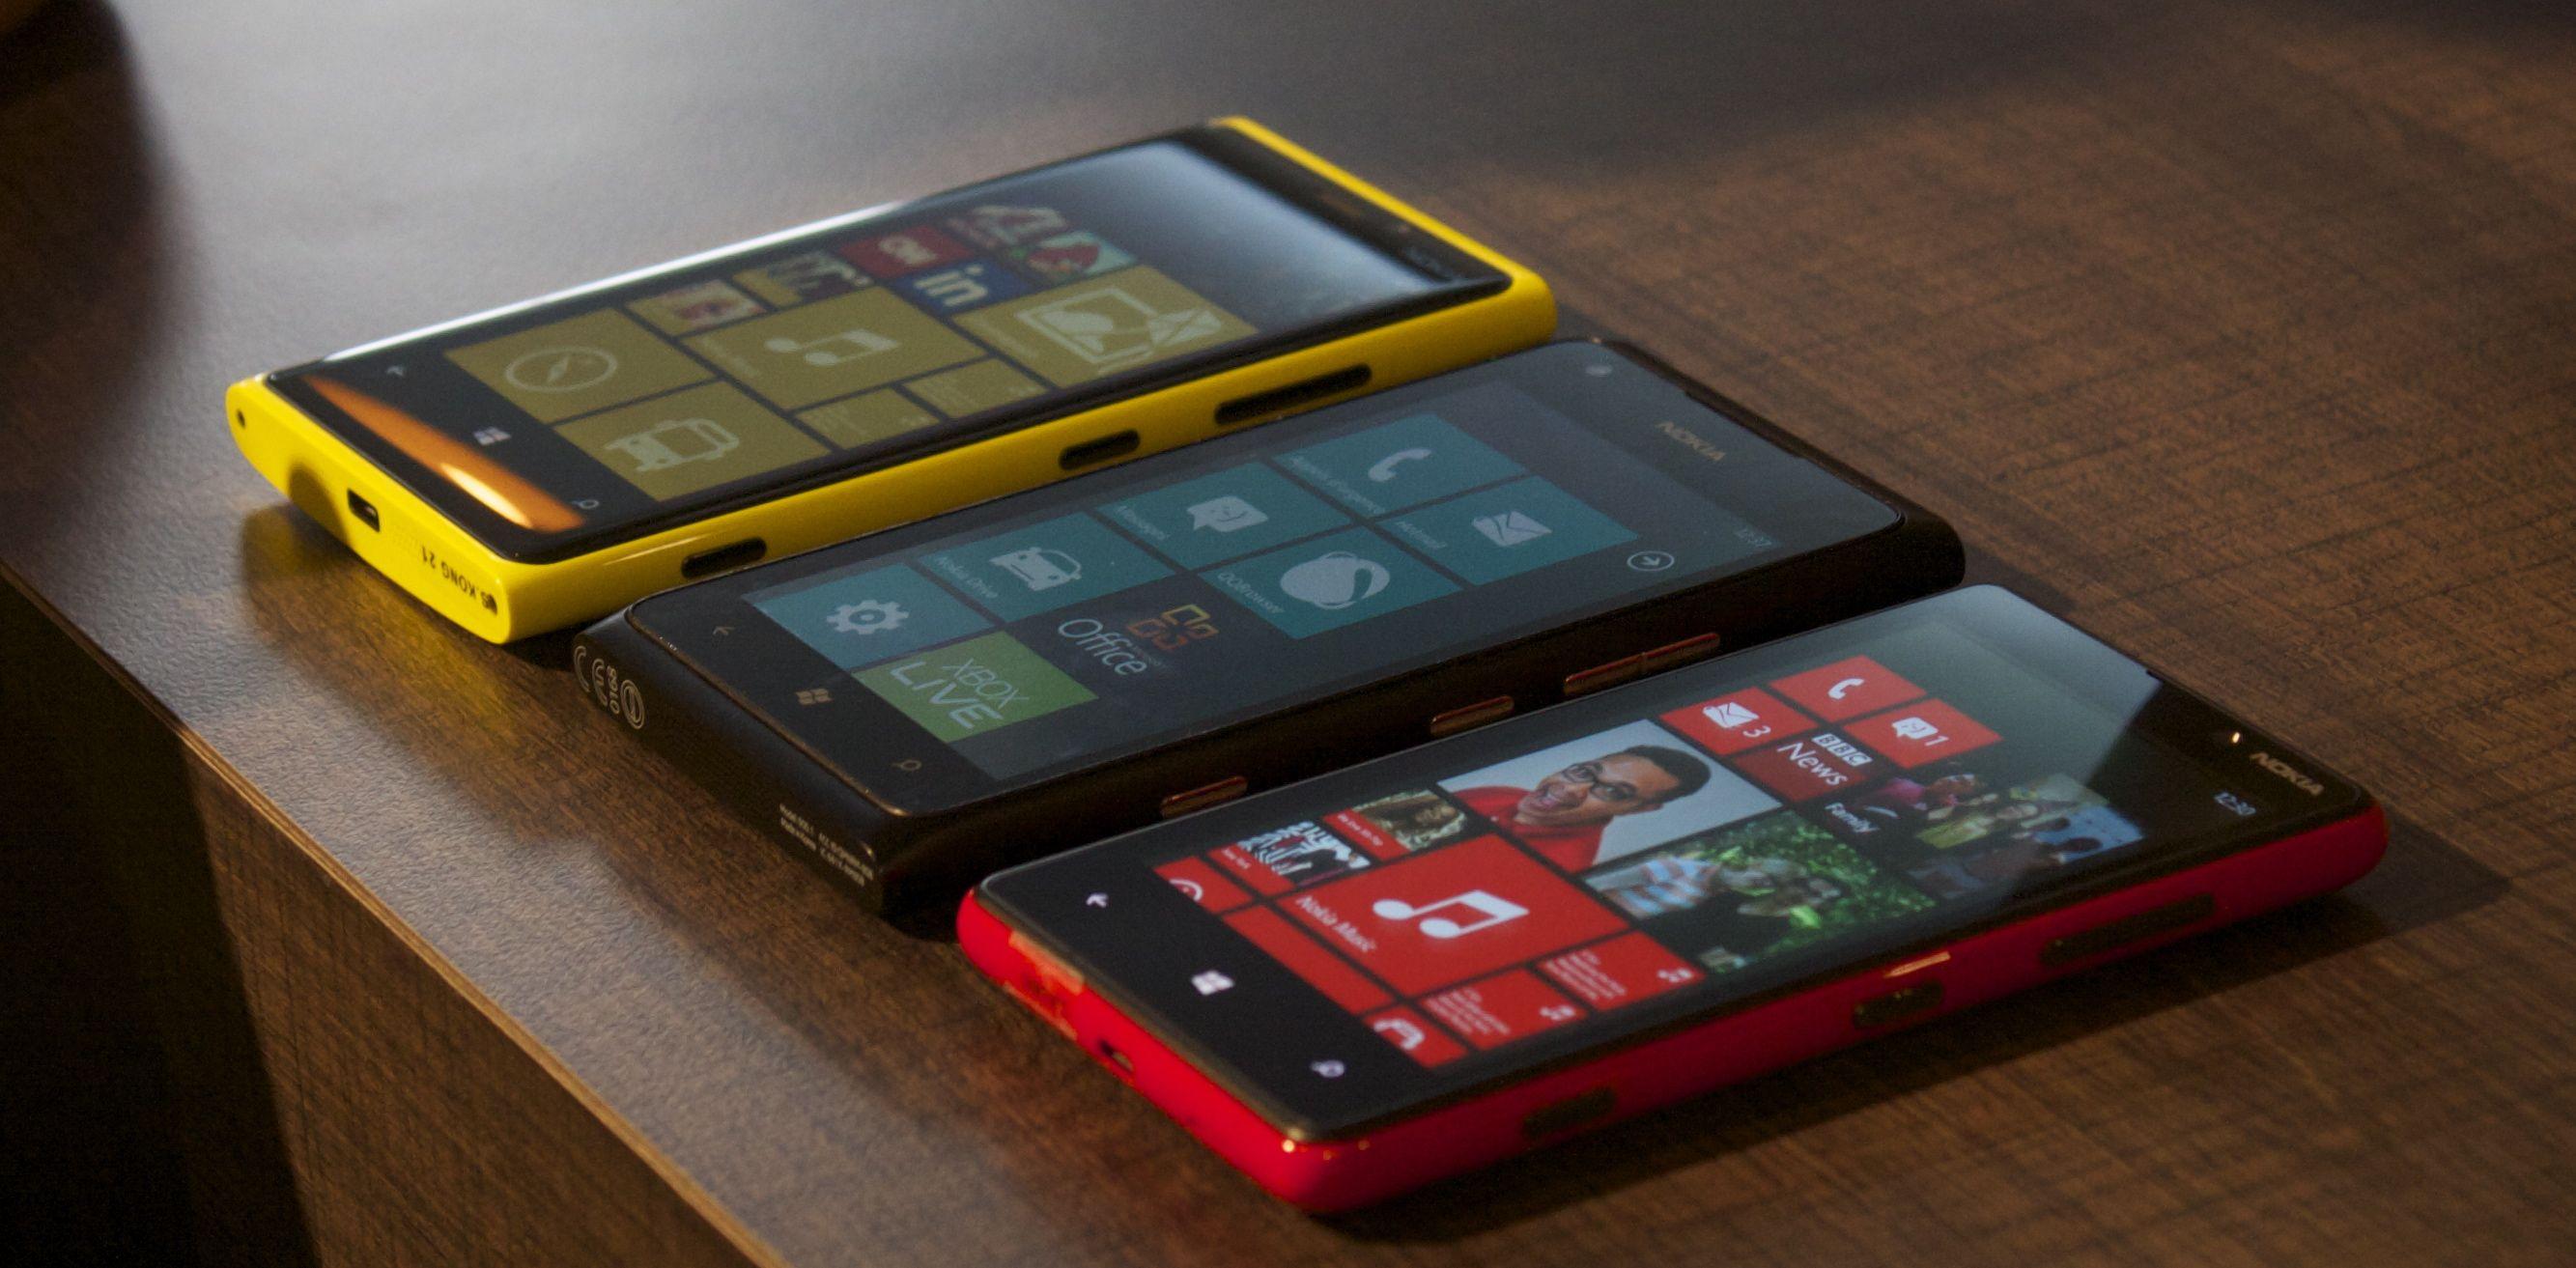 A yellow Lumia 920, black Lumia 900, and red Lumia 820